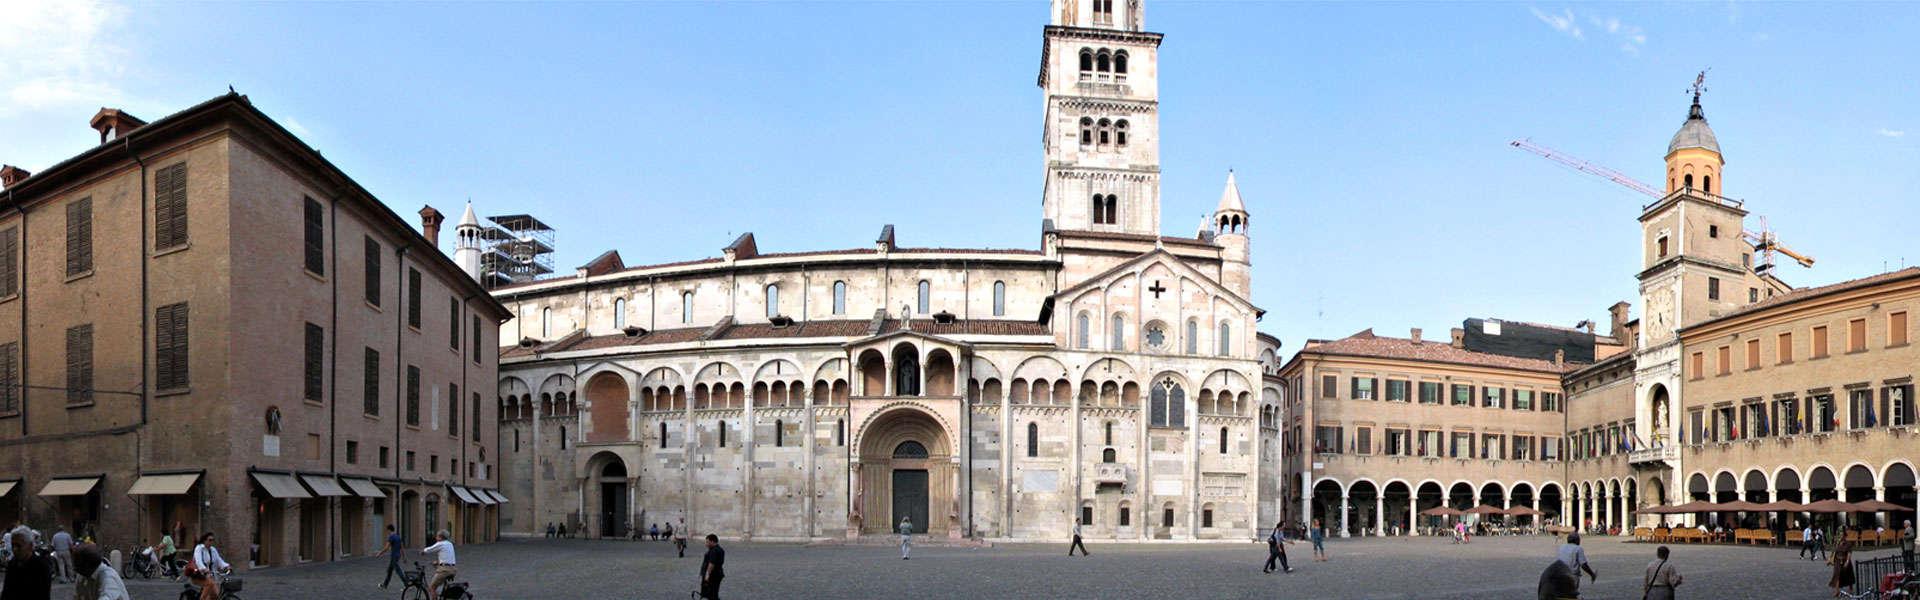 Módena (Italia). Vinagre balsámico y Patrimonio de la Humanidad.